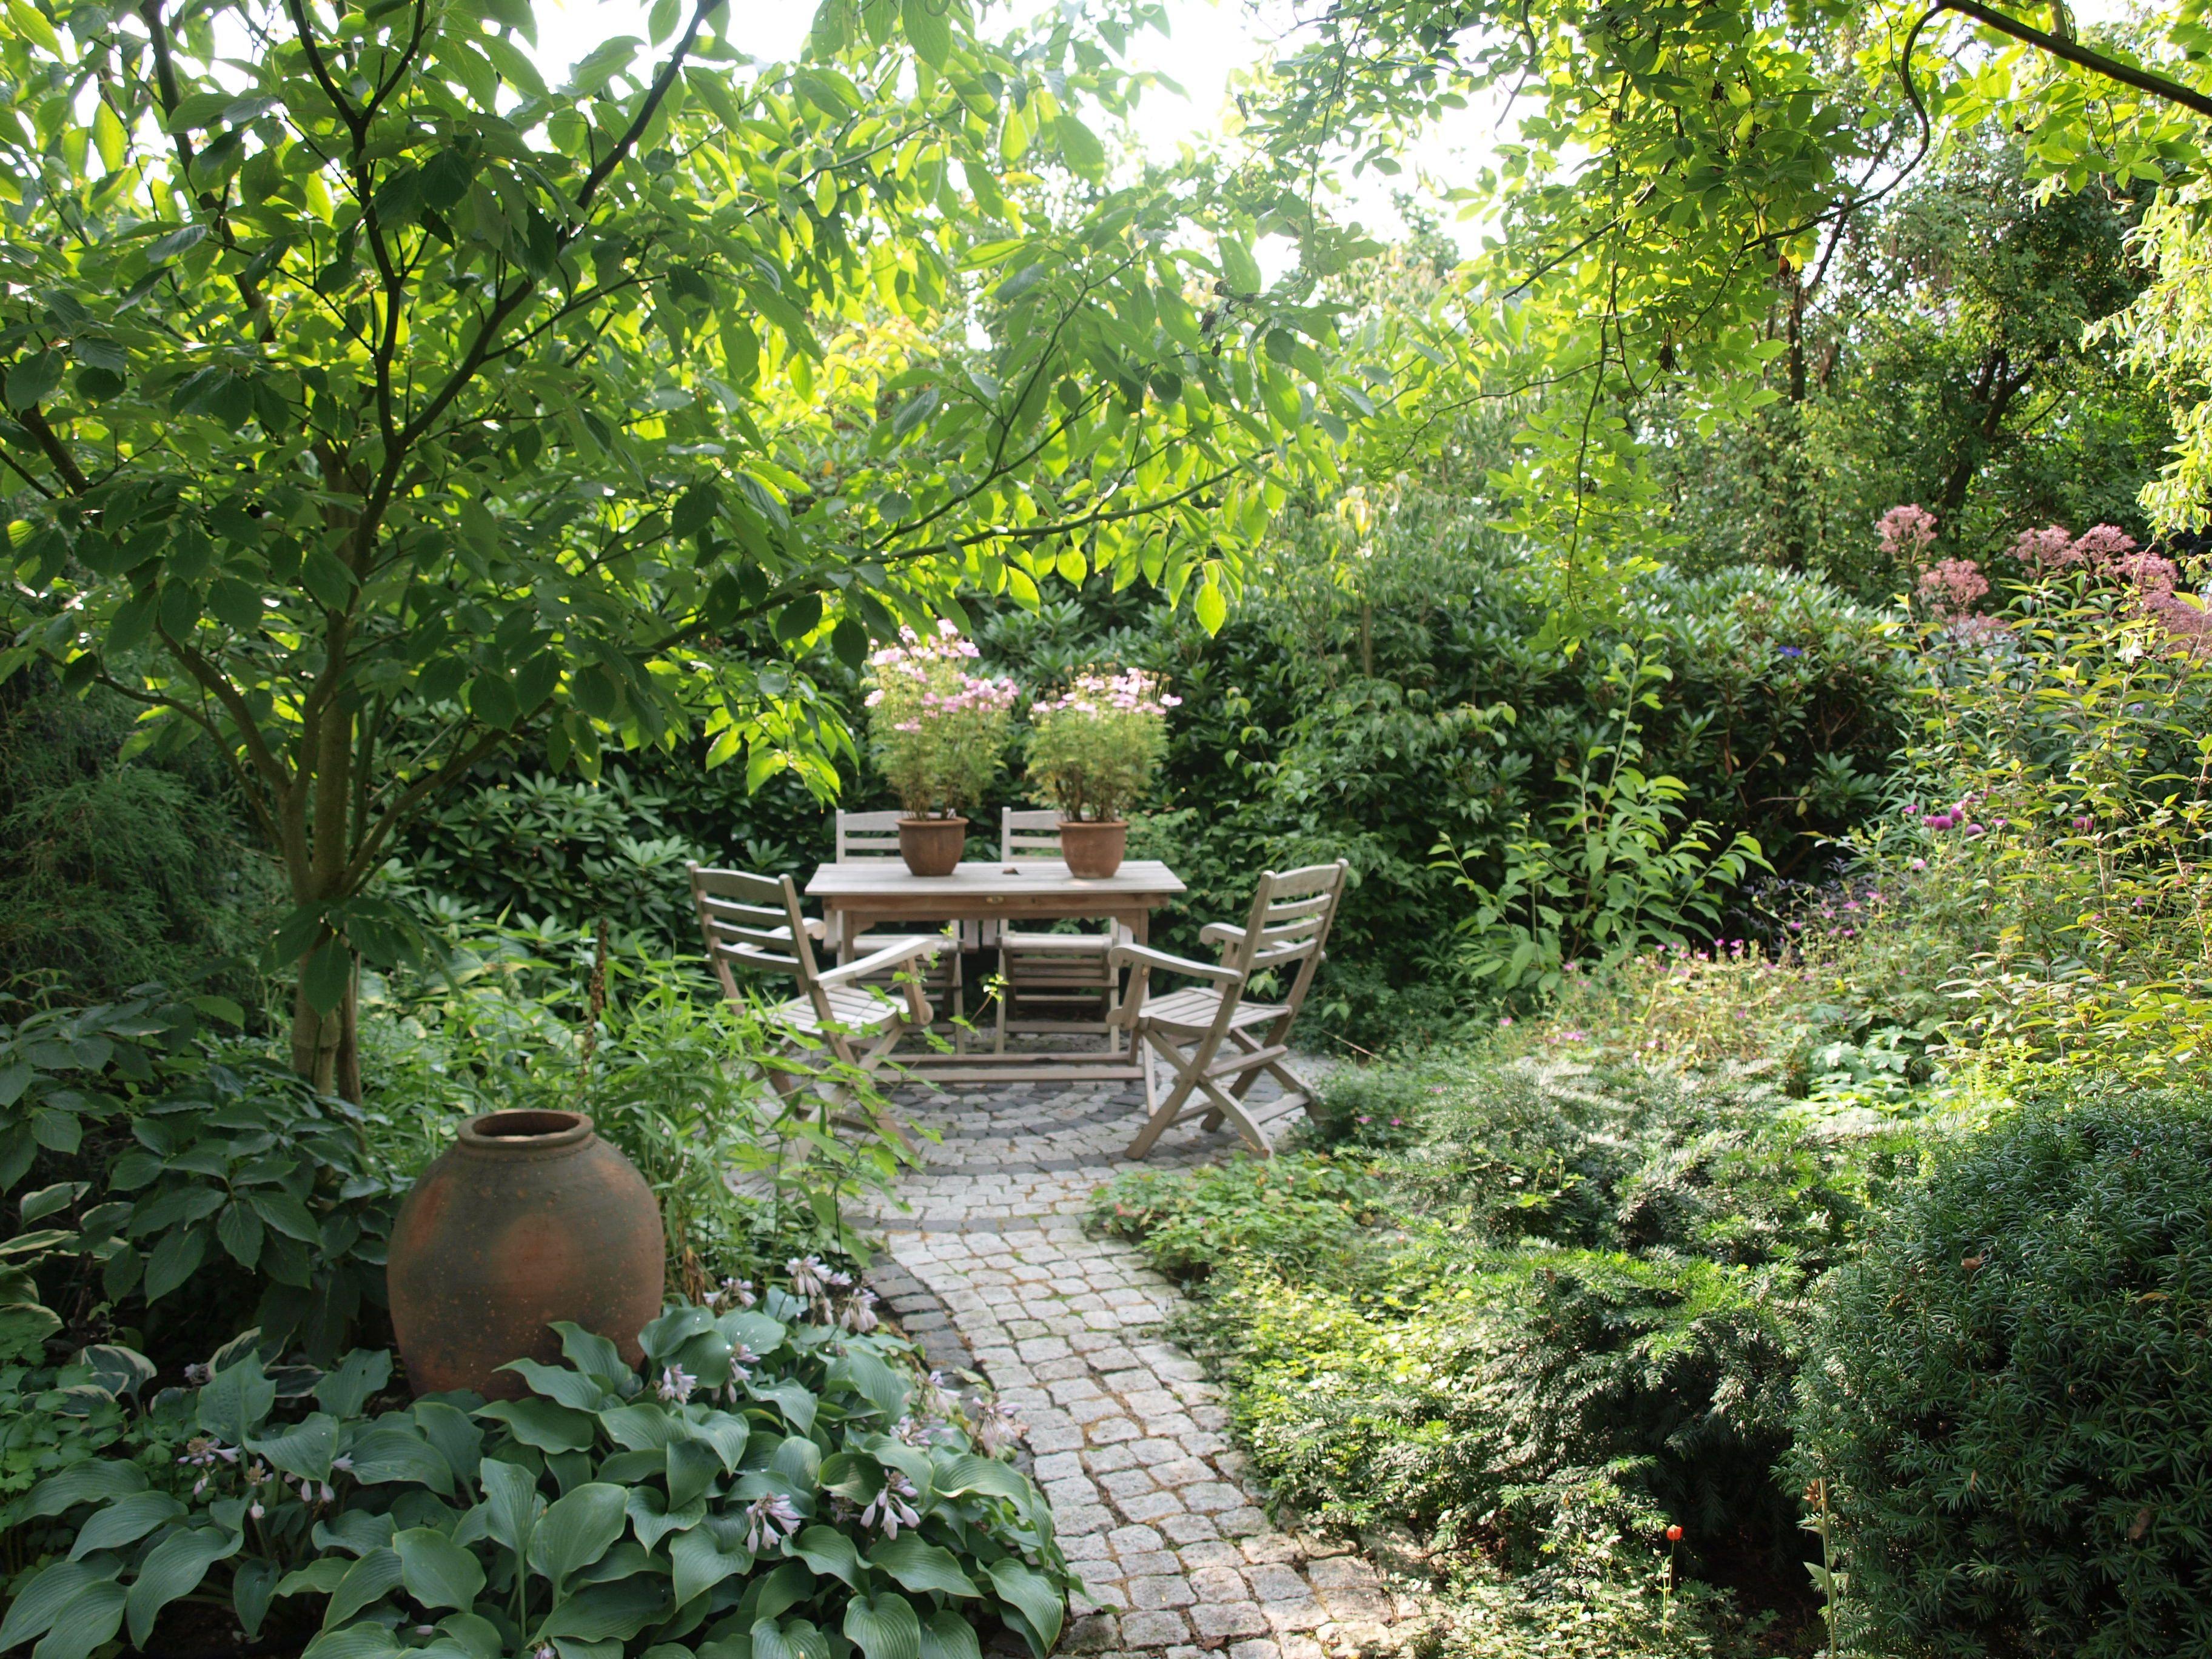 Pressefotos Aktion Offener Garten Garten Offene Garten Gartendekoration